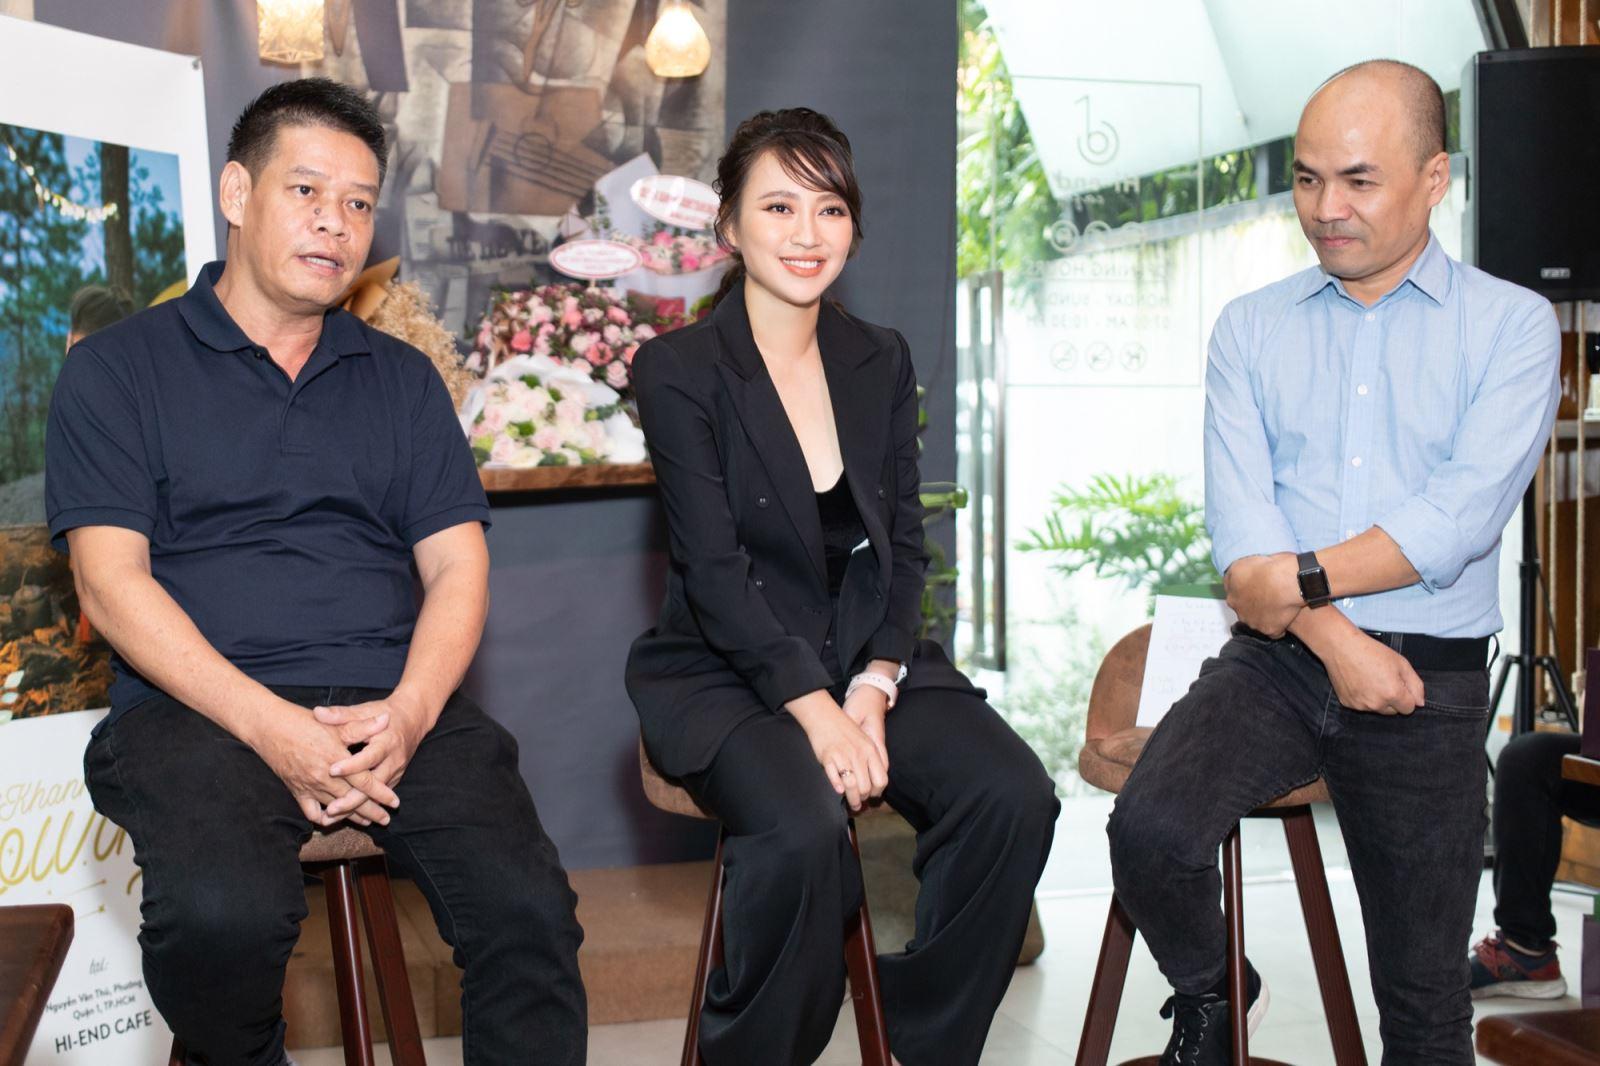 Ca sĩ Khánh Linh bên nhạc sĩ Võ Thiện Thanh và nhà báo Minh Đức